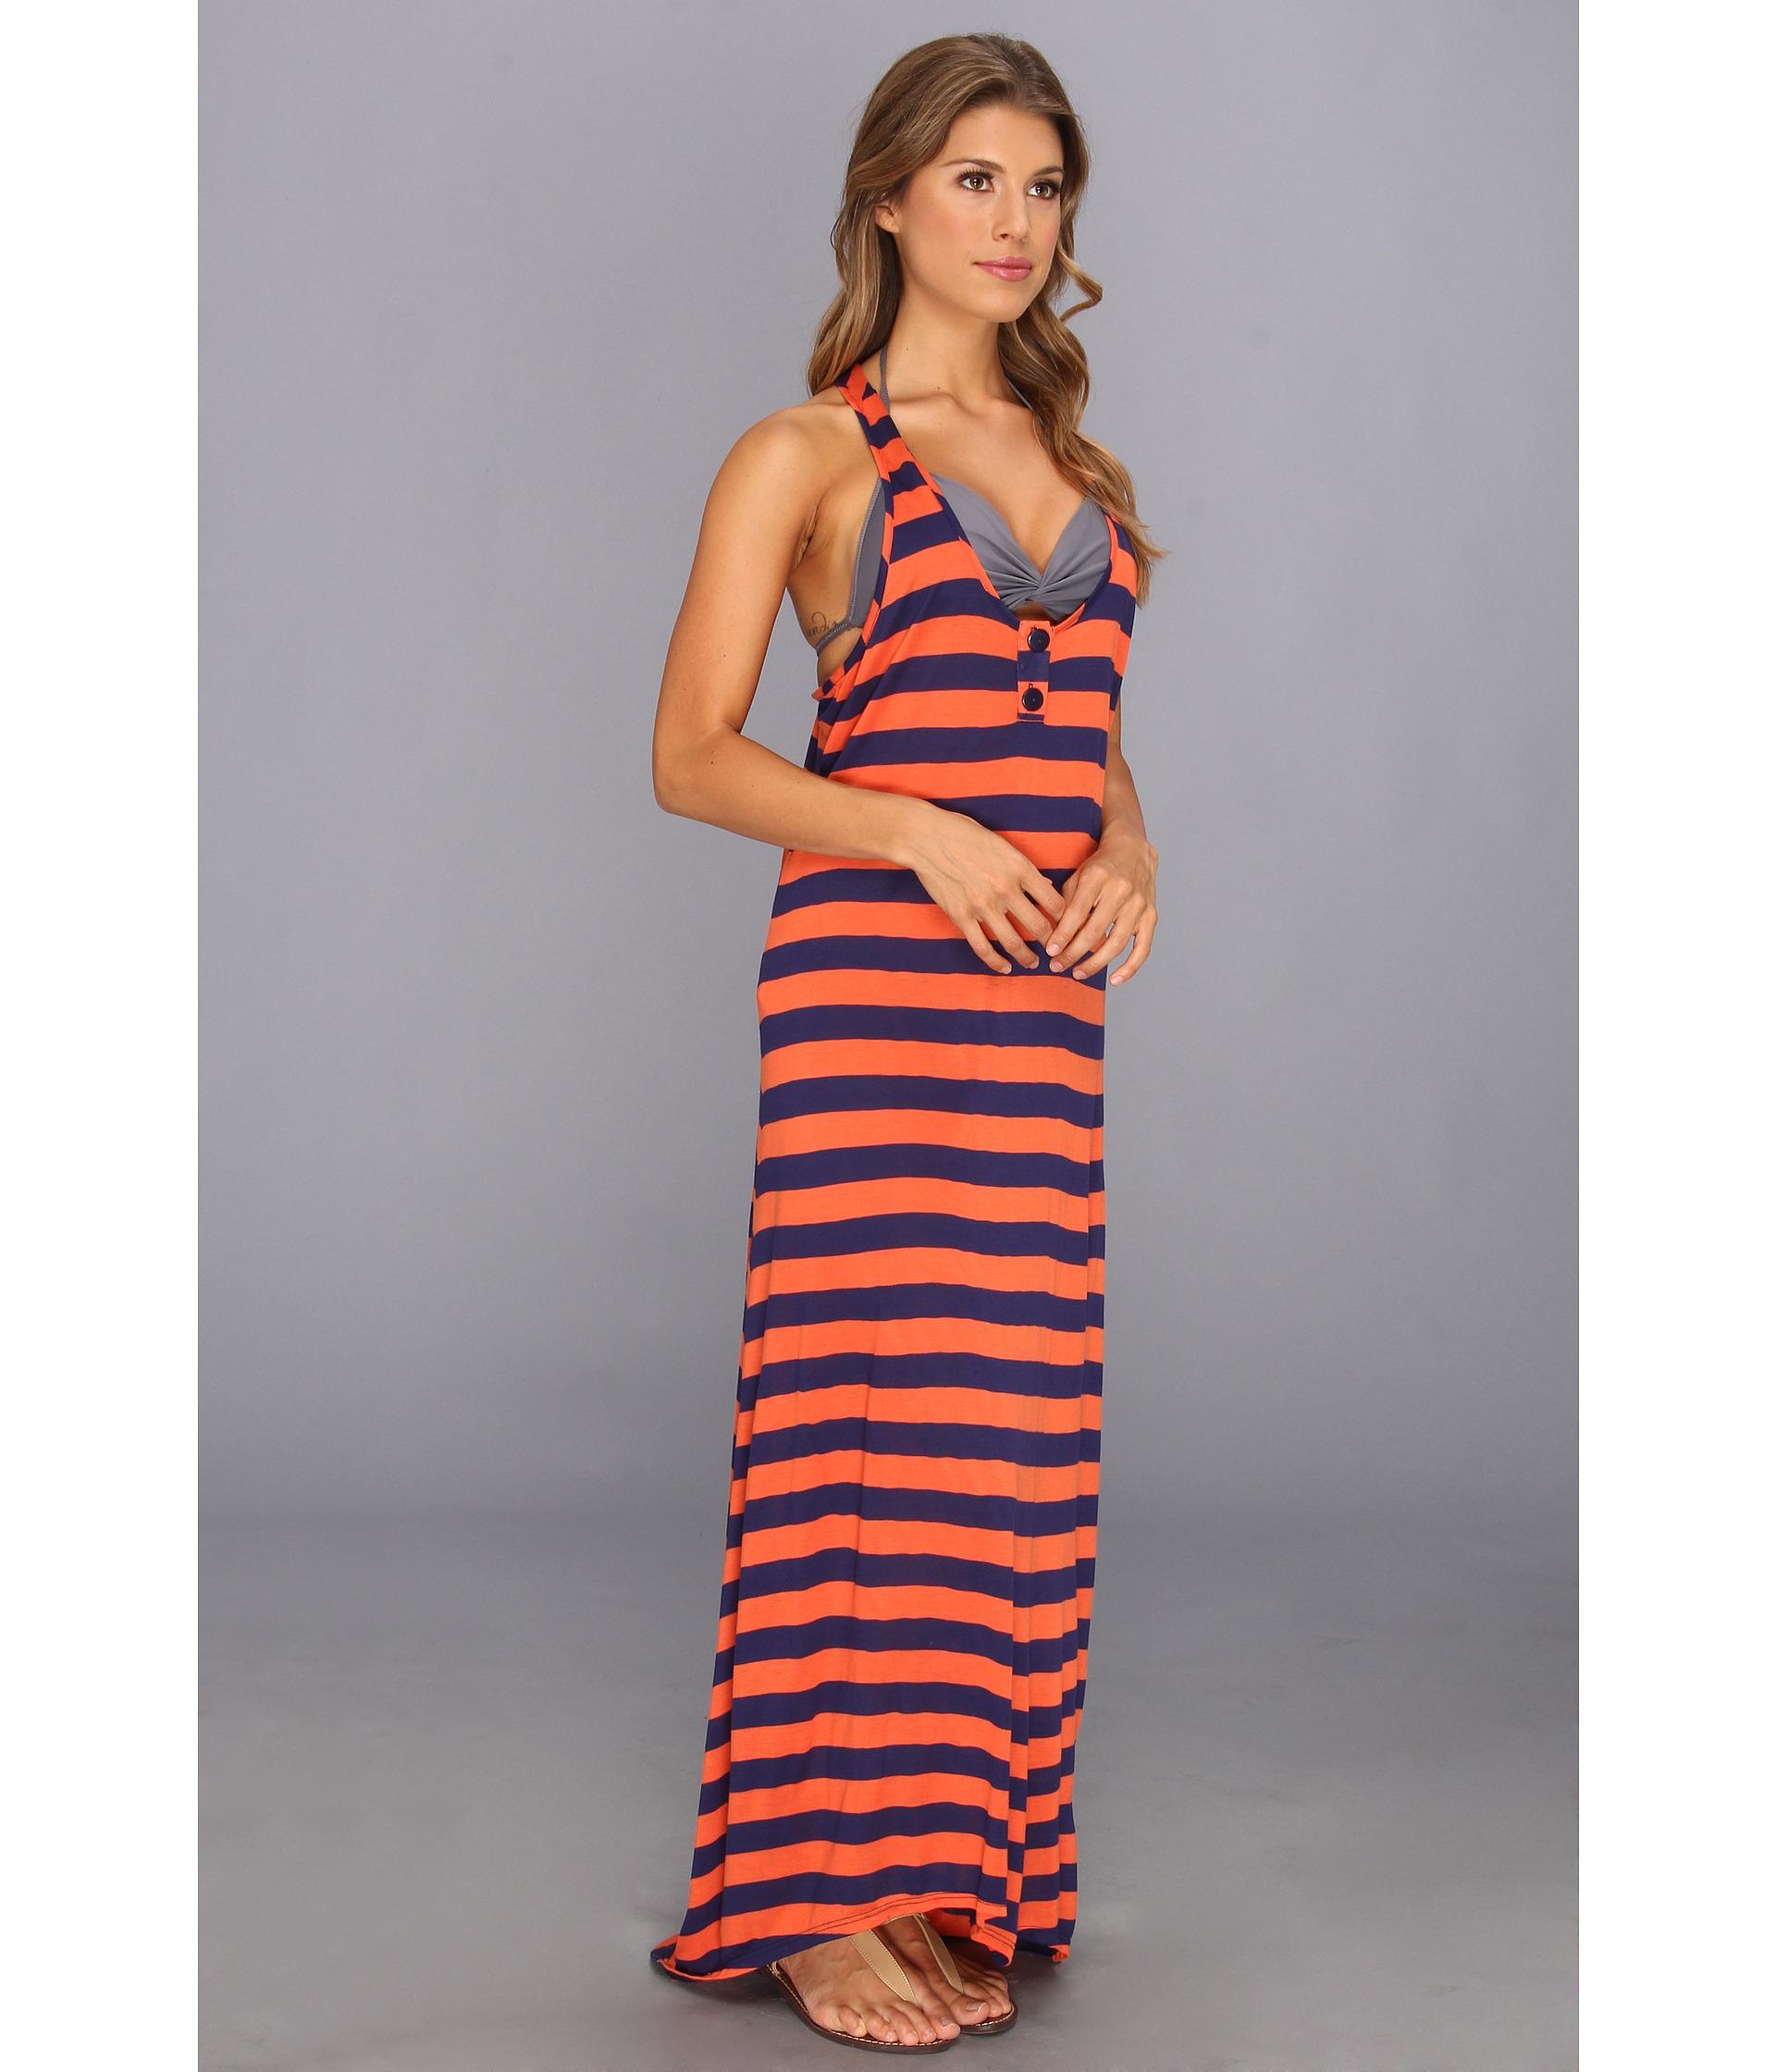 8abeece9f751d Splendid Marcel Stripe Maxi Dress Coverup in Orange - Lyst